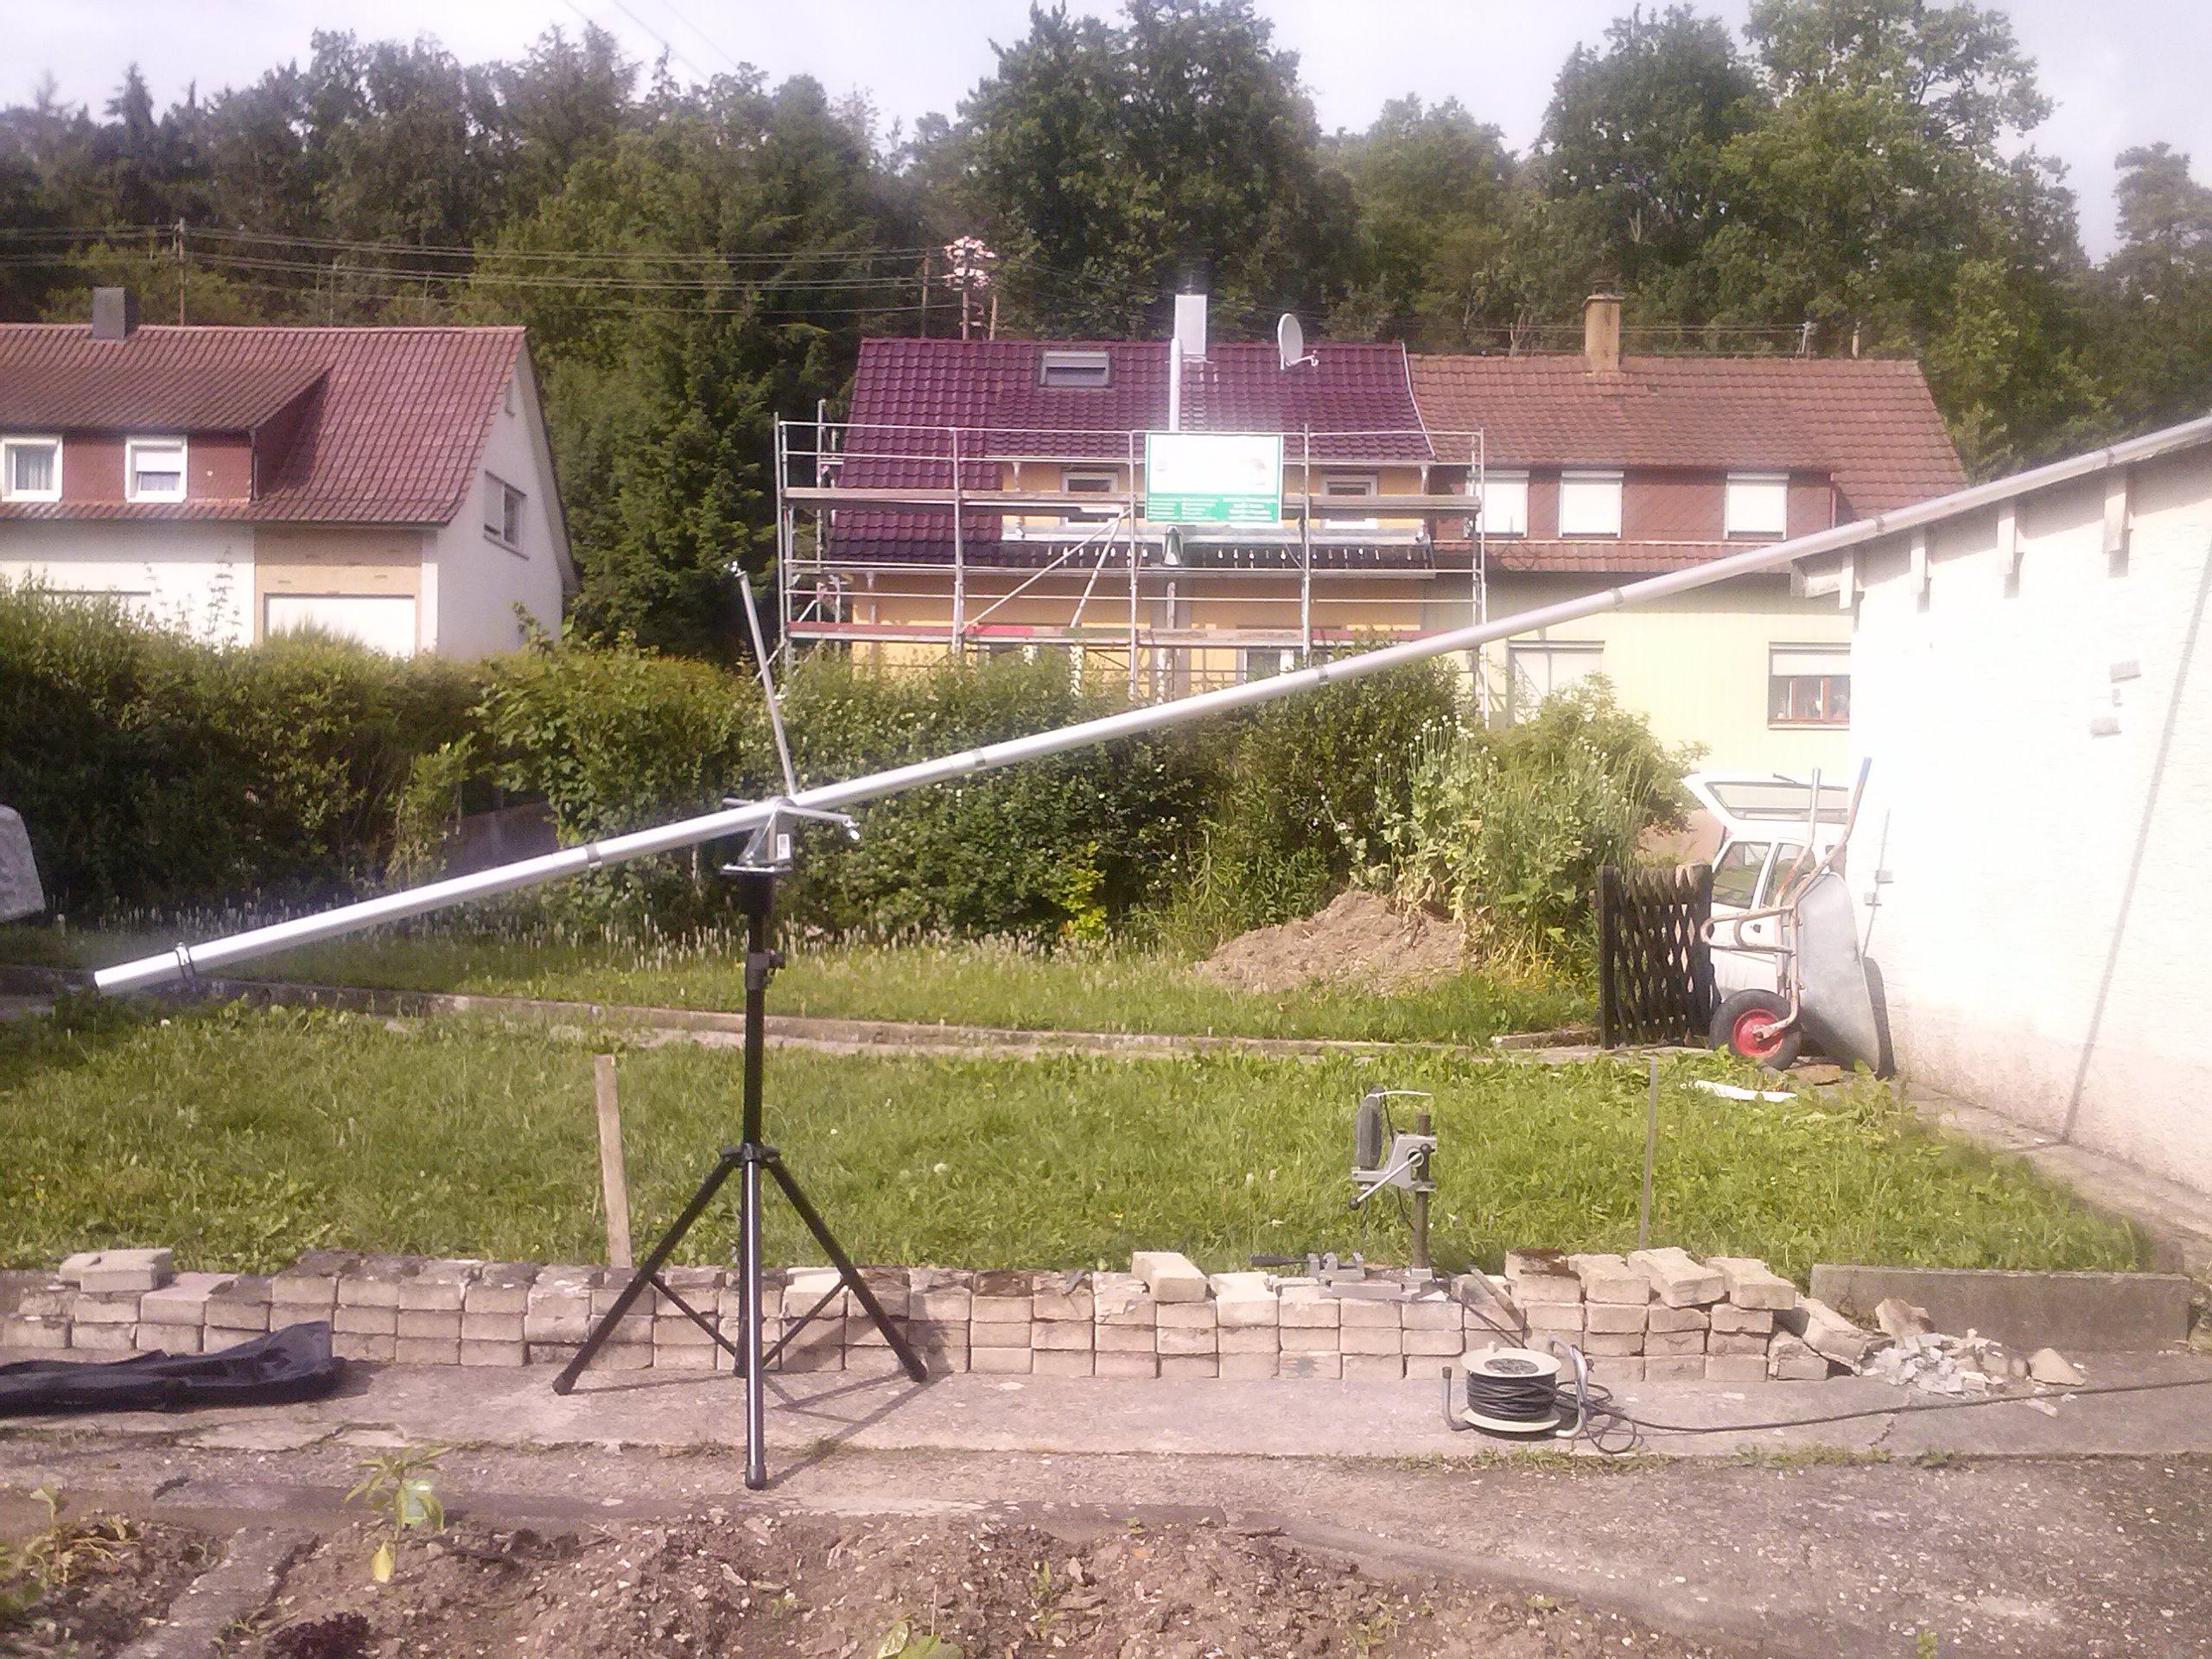 Kamerakran im Aufbau von der Seite